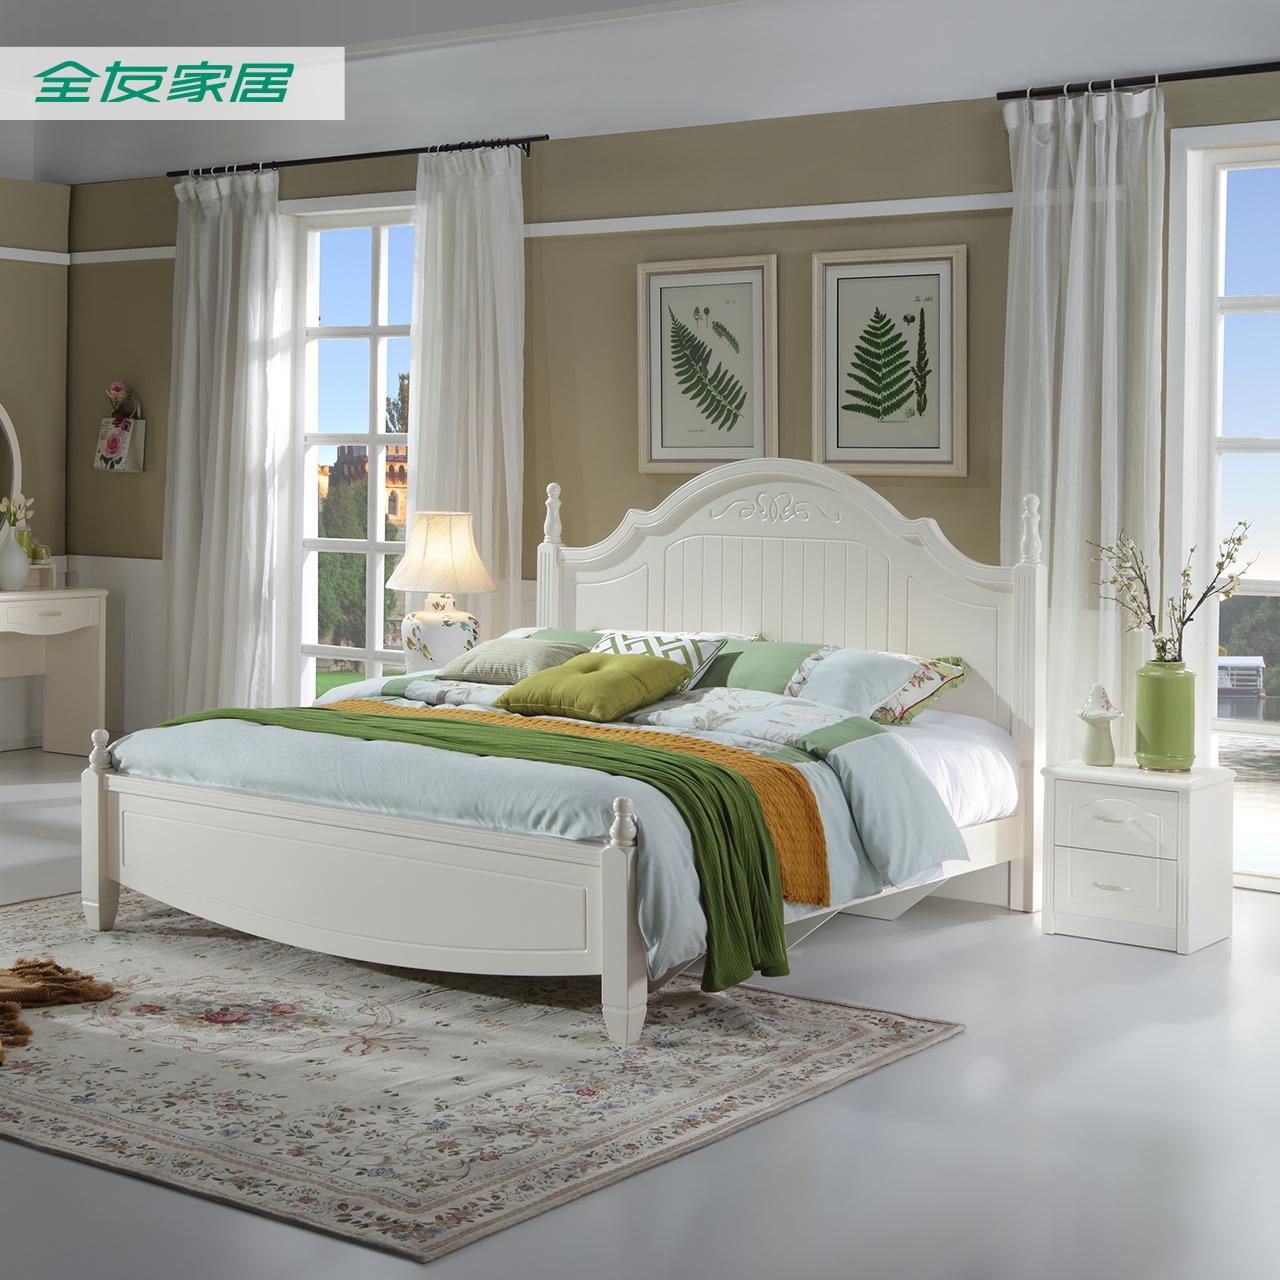 Собирать все друг домой частное современный корейский сельская местность двуспальная кровать пластина кровать 1.5m/1.8m кровать установите 120613